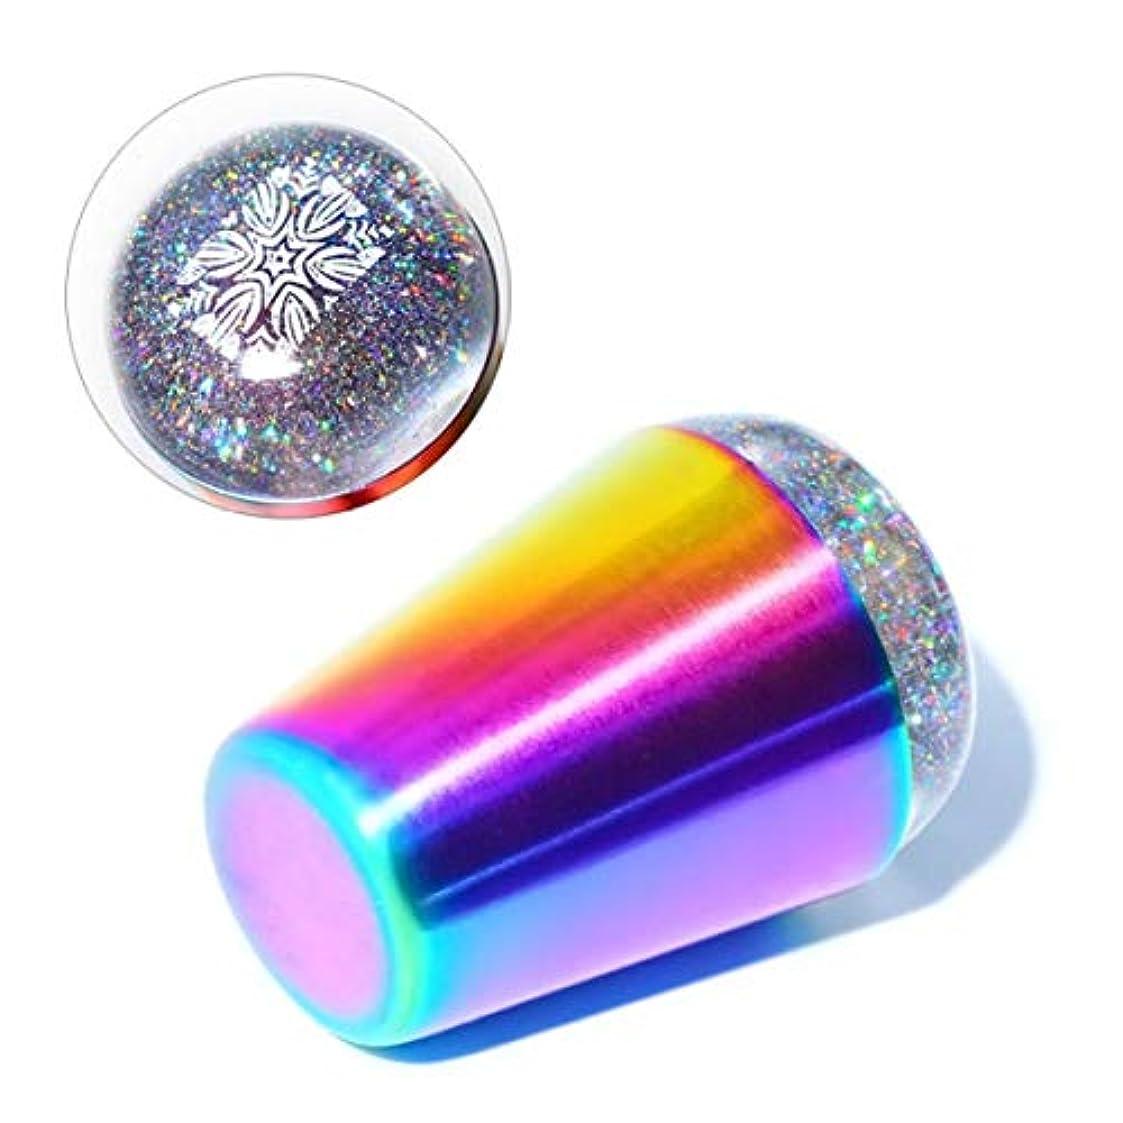 誓い重要な減らすWadachikis 最高の販売透明な釘スタンパースクレーパーホログラフィック虹ハンドルネイルアートツール(None B)